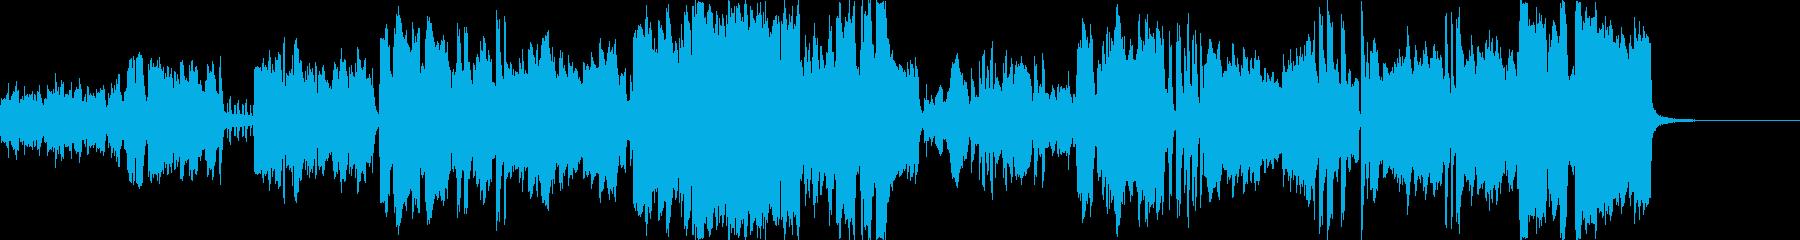 サックスが洒落てリズミカルなジャズ風の再生済みの波形